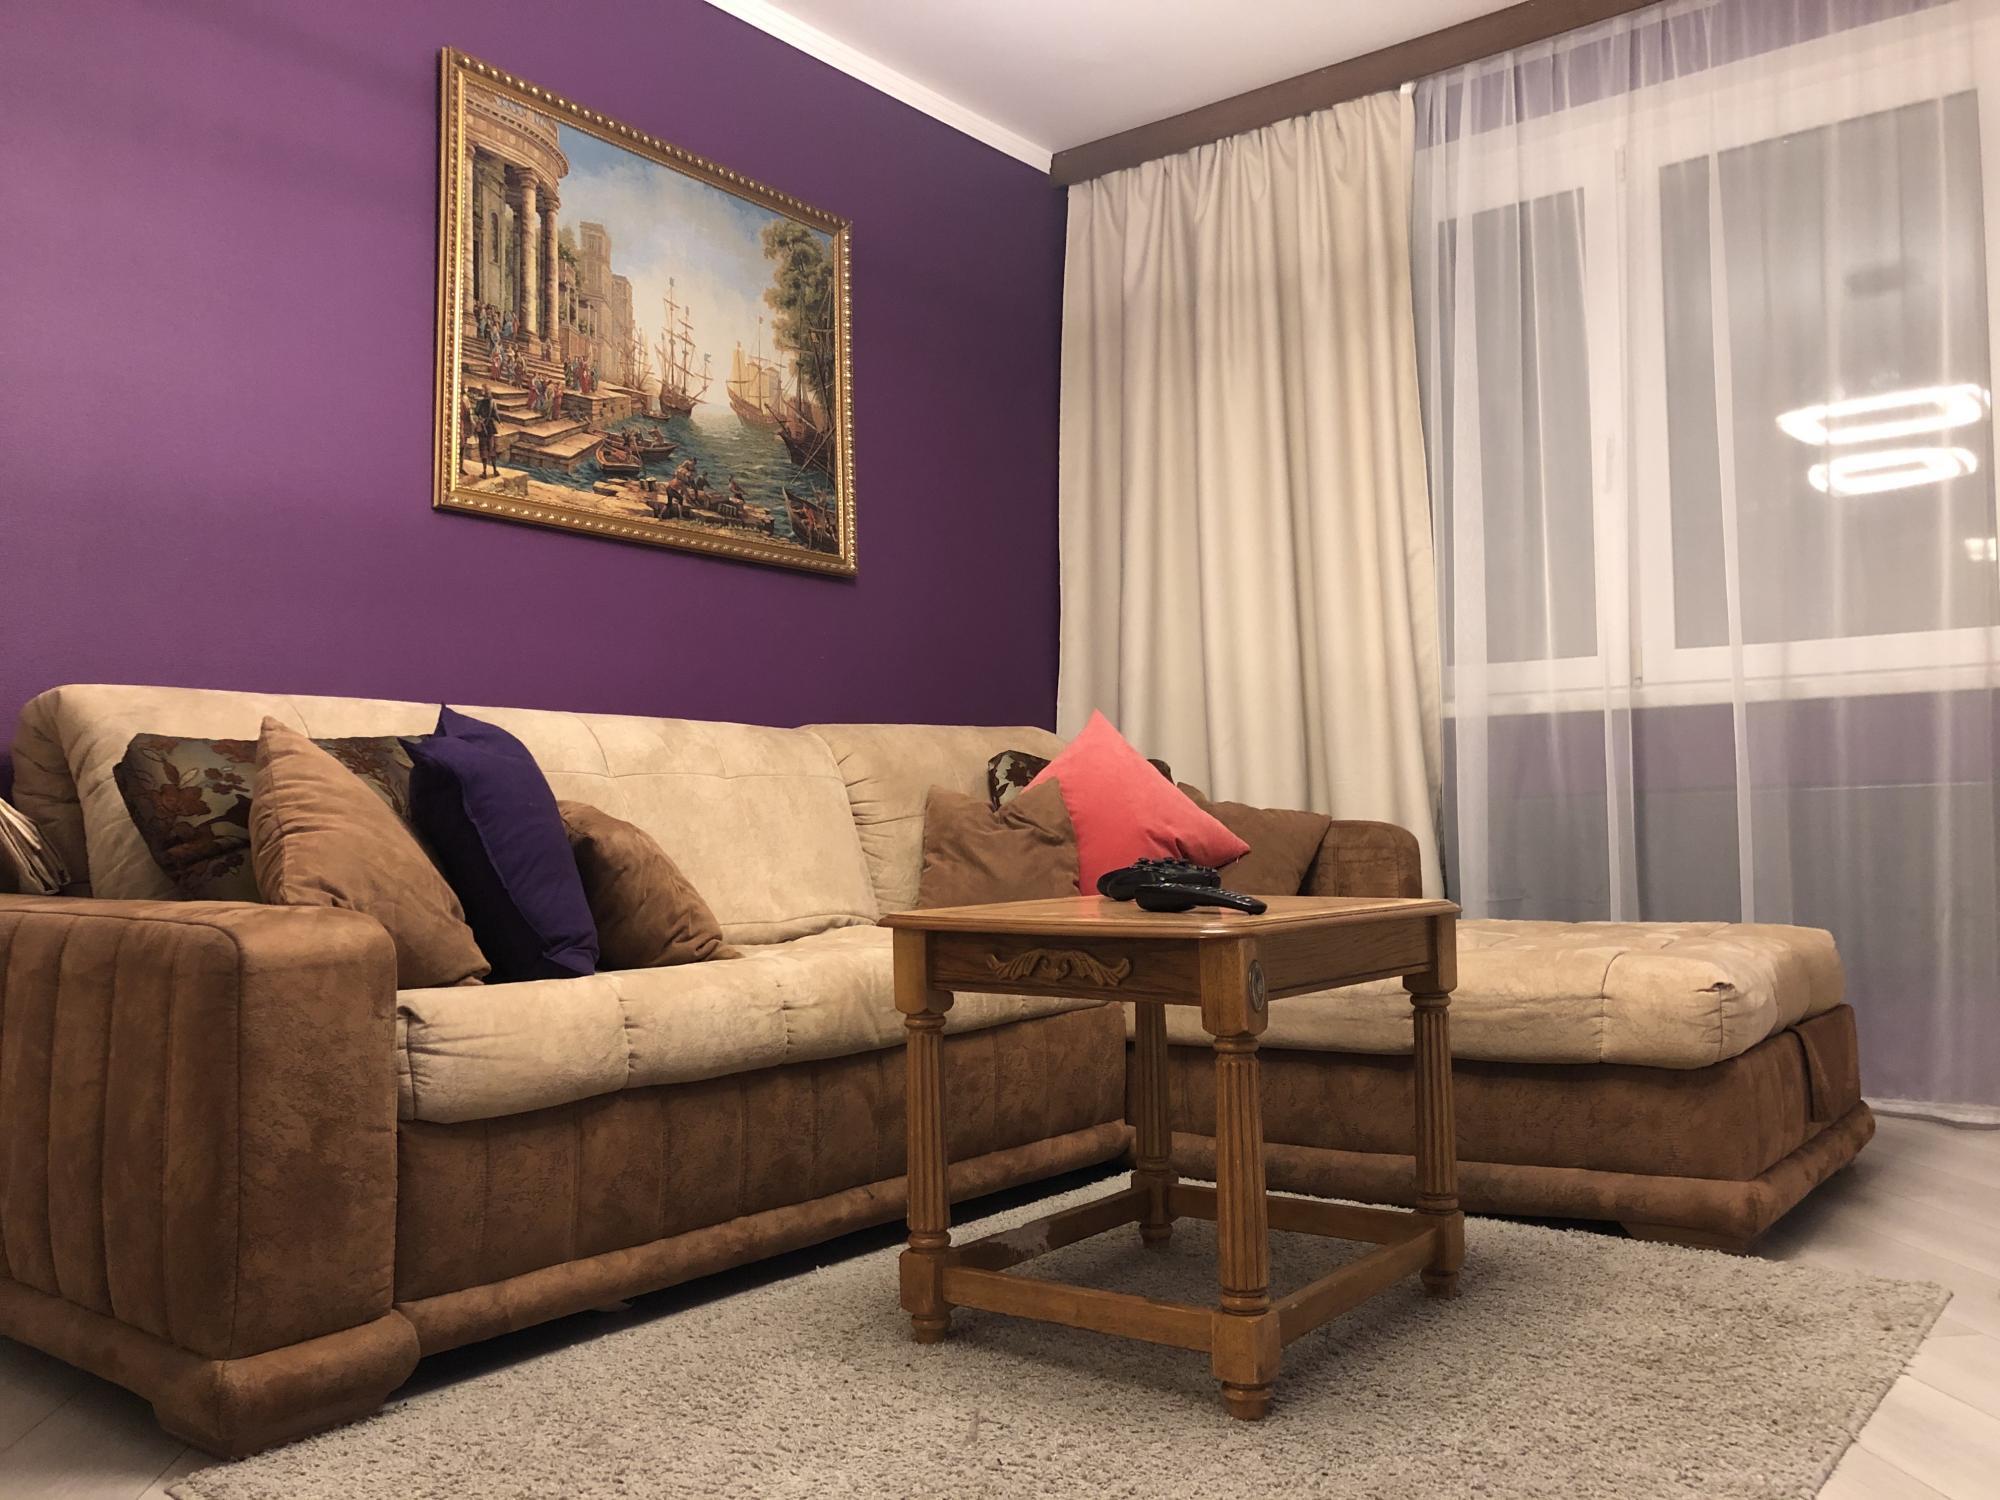 Квартира, 3 комнаты, 84 м² в Троицке 89671215191 купить 5